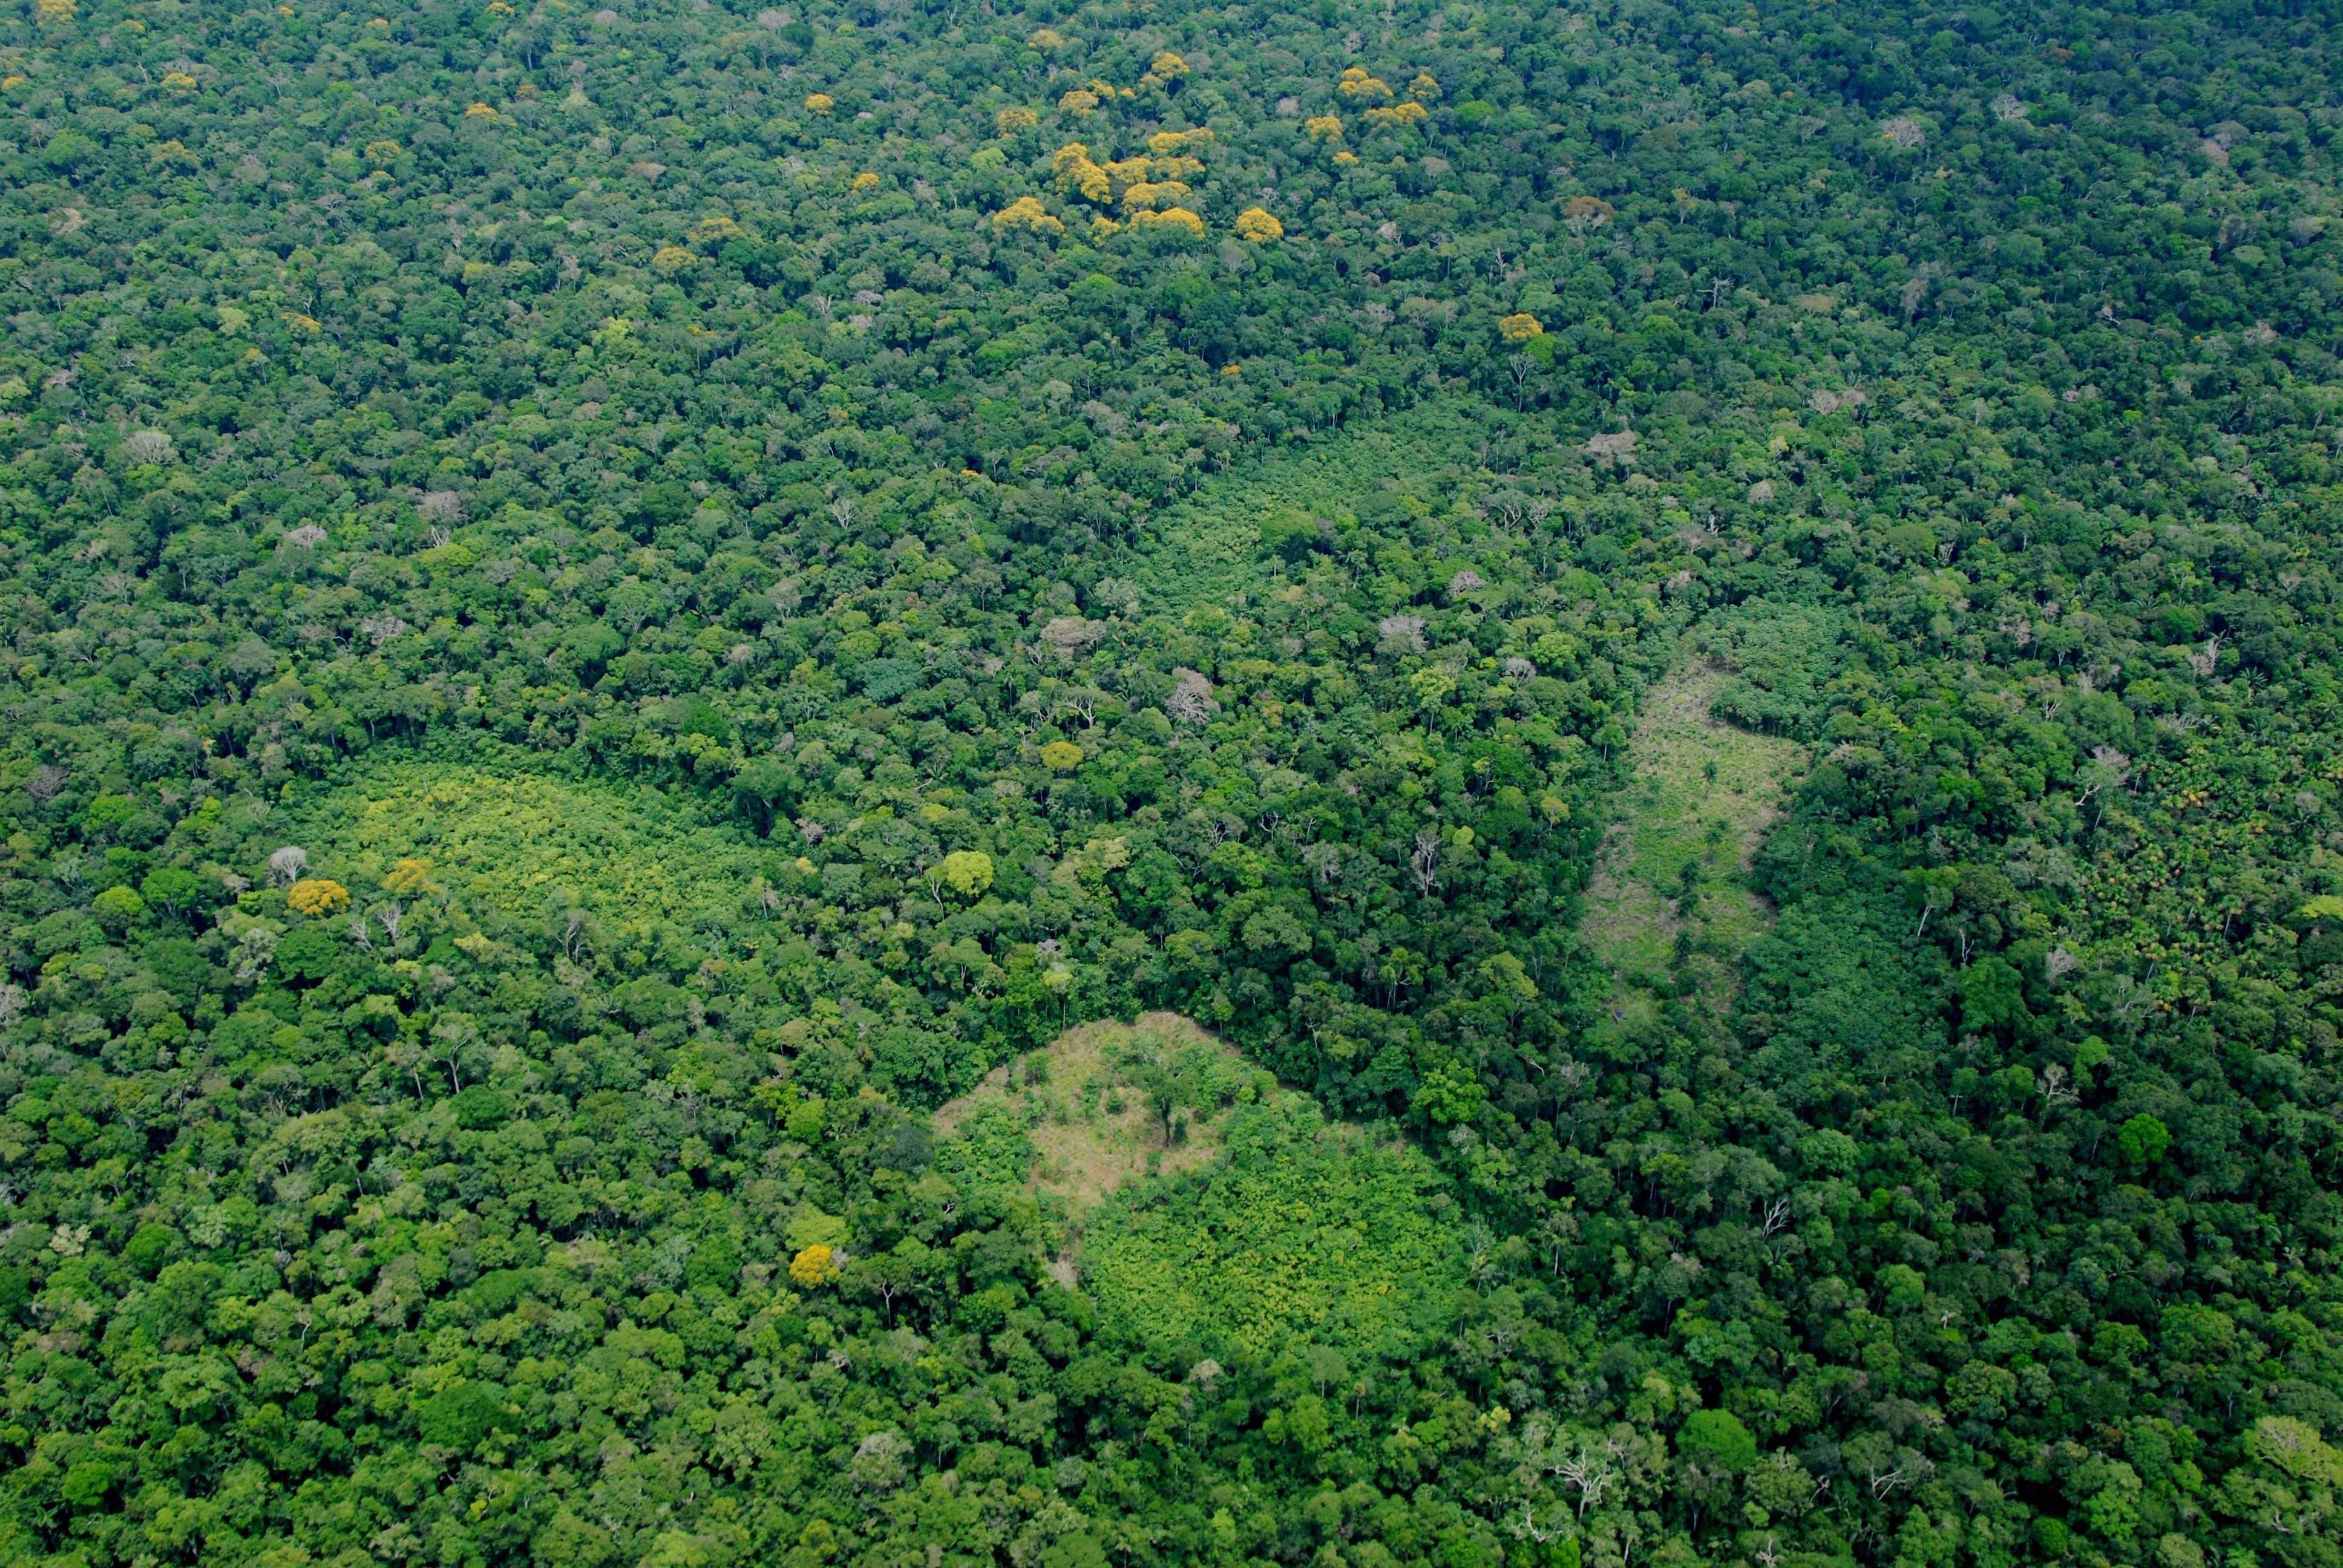 Illegal cultivation of coca leaves in the Cotuhe River basin, Loreto Region, Perú. Álvaro Del Campo / The Field Museum, 2010.